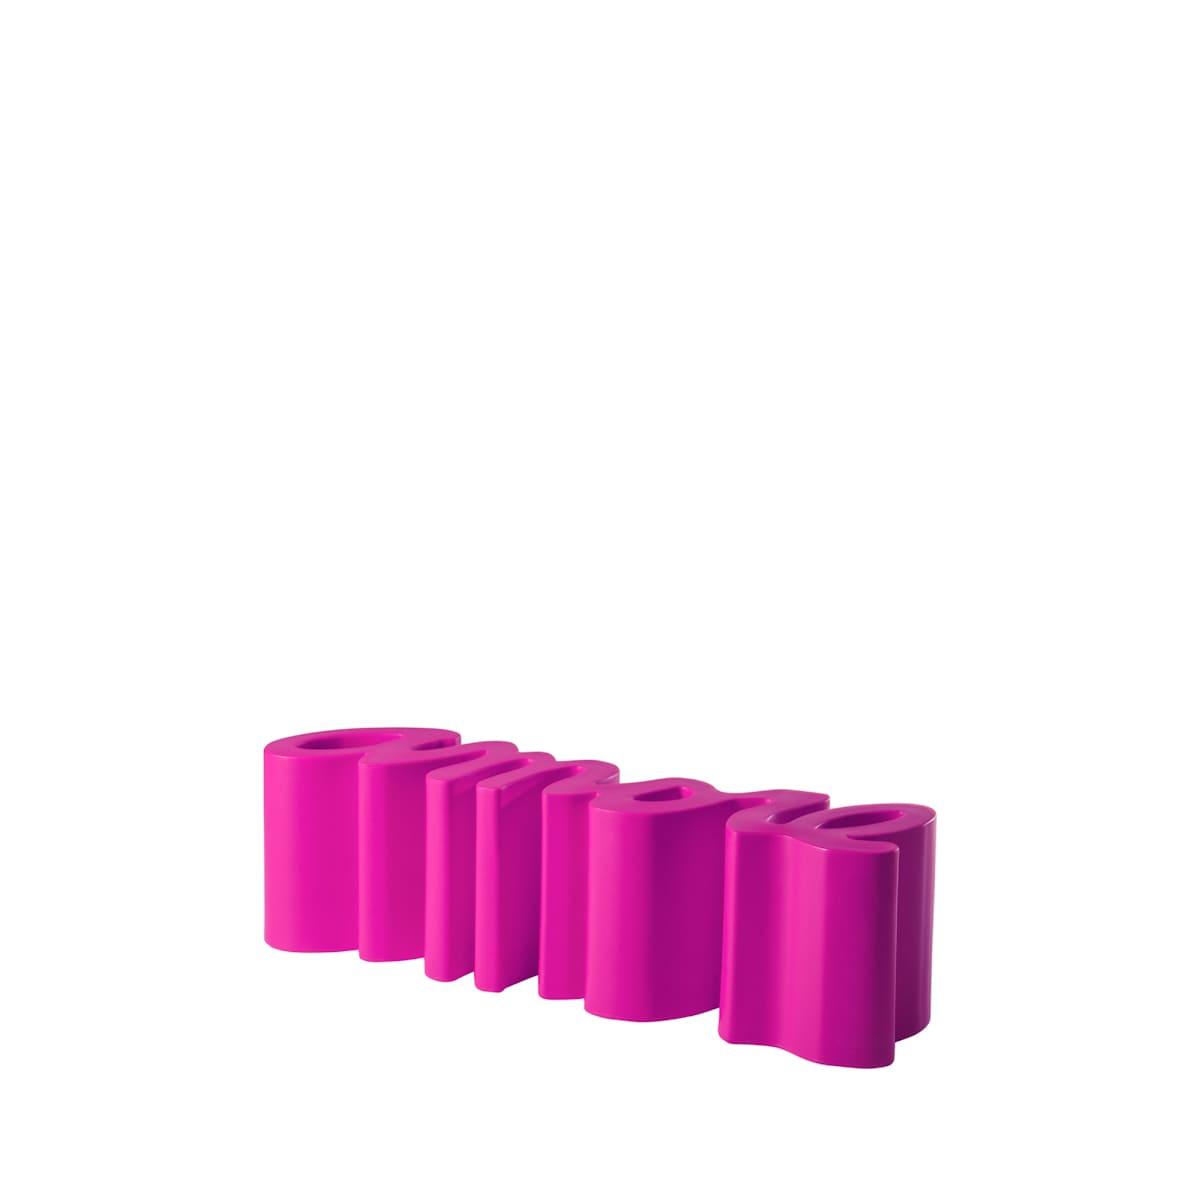 gartenbank modern sitzbank garten fuschia pink - Ausgefallene Designer Bank für den Garten